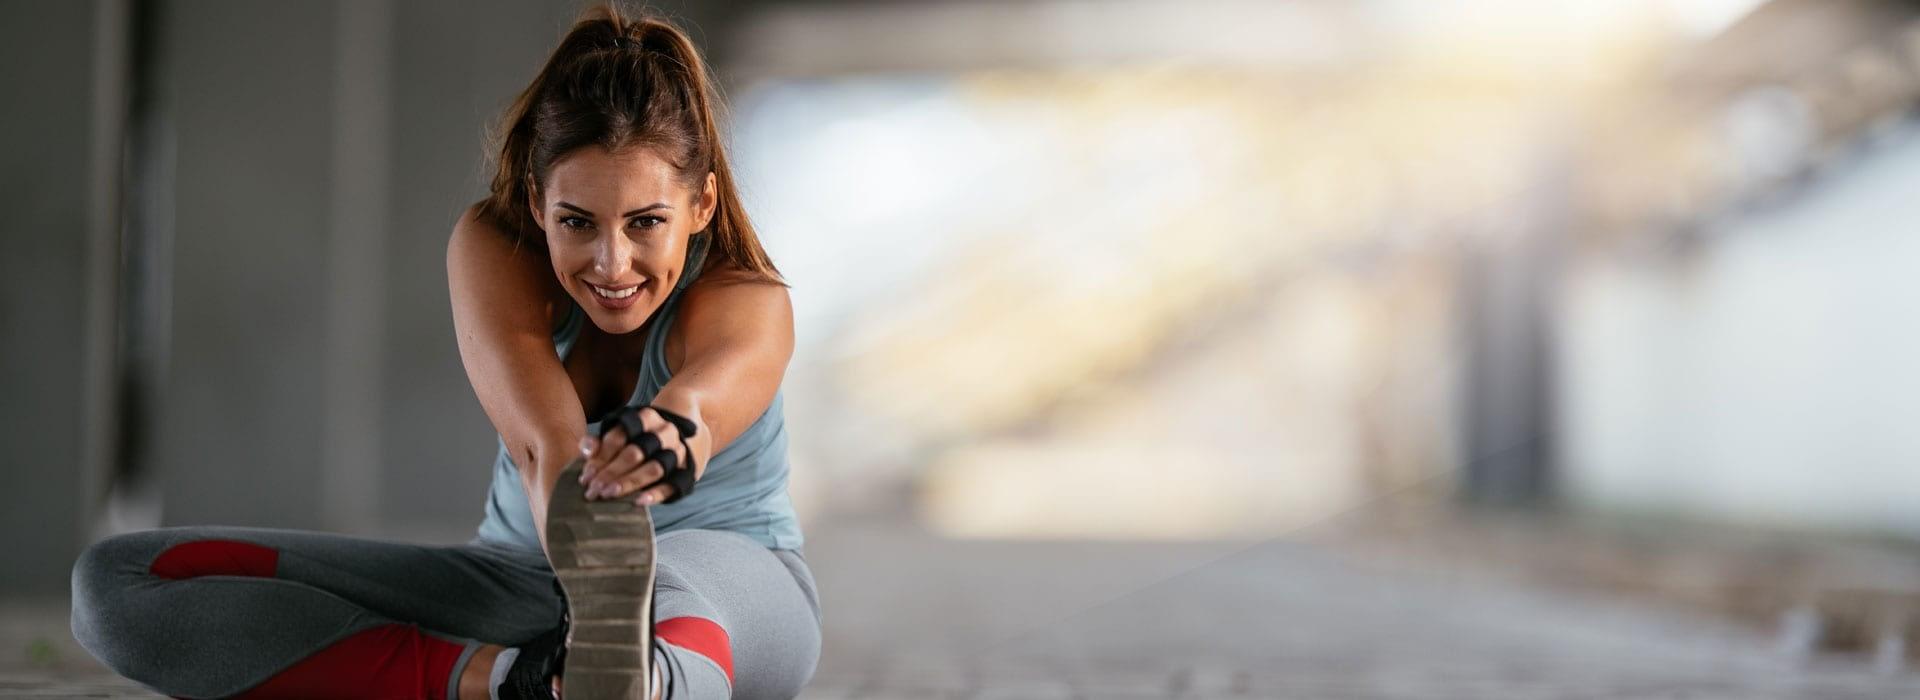 Atividades físicas proporcionam saúde física e mental